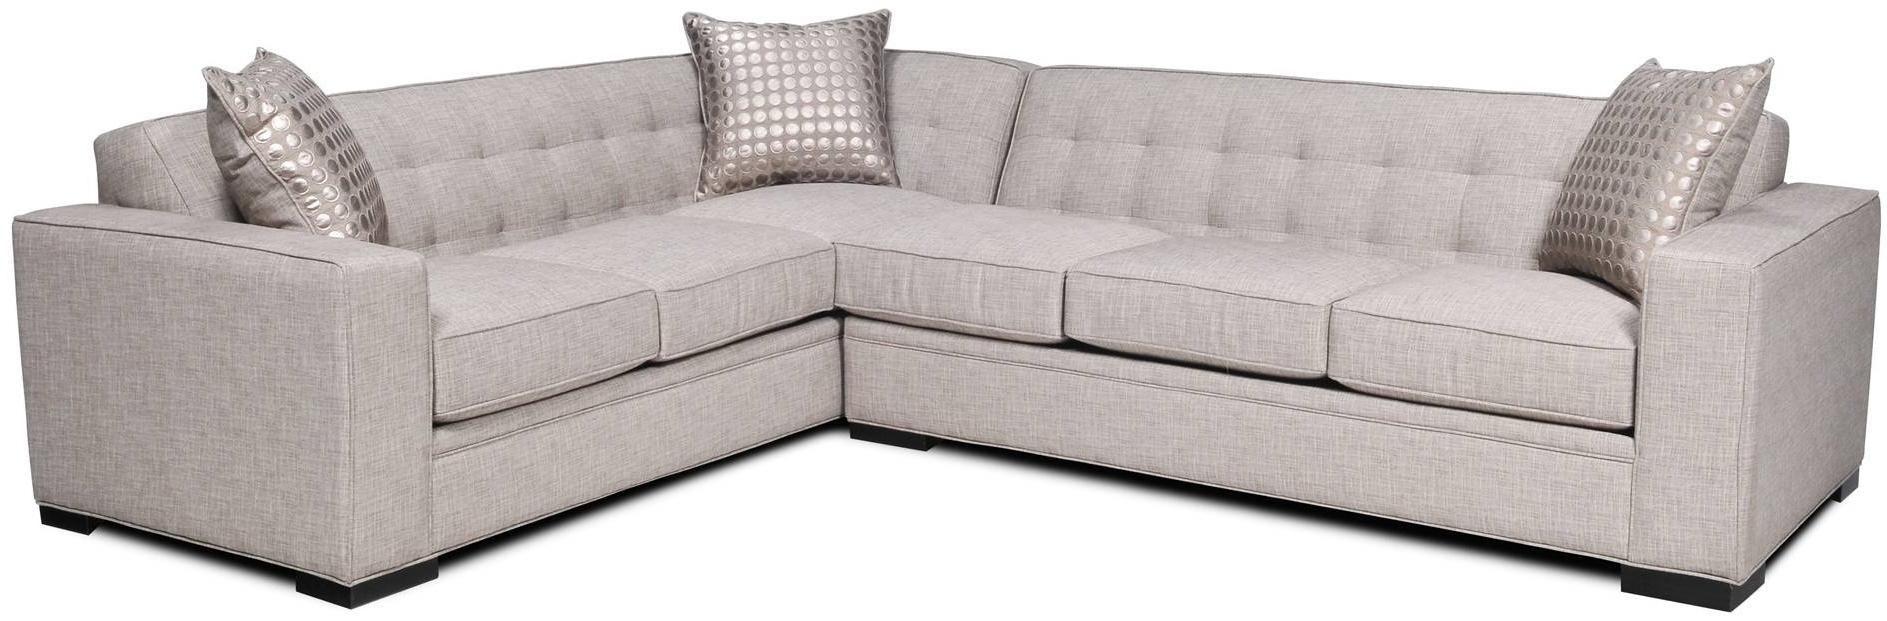 Oscar Sectional Sofa By Ej Lauren Alisyn S New Condo